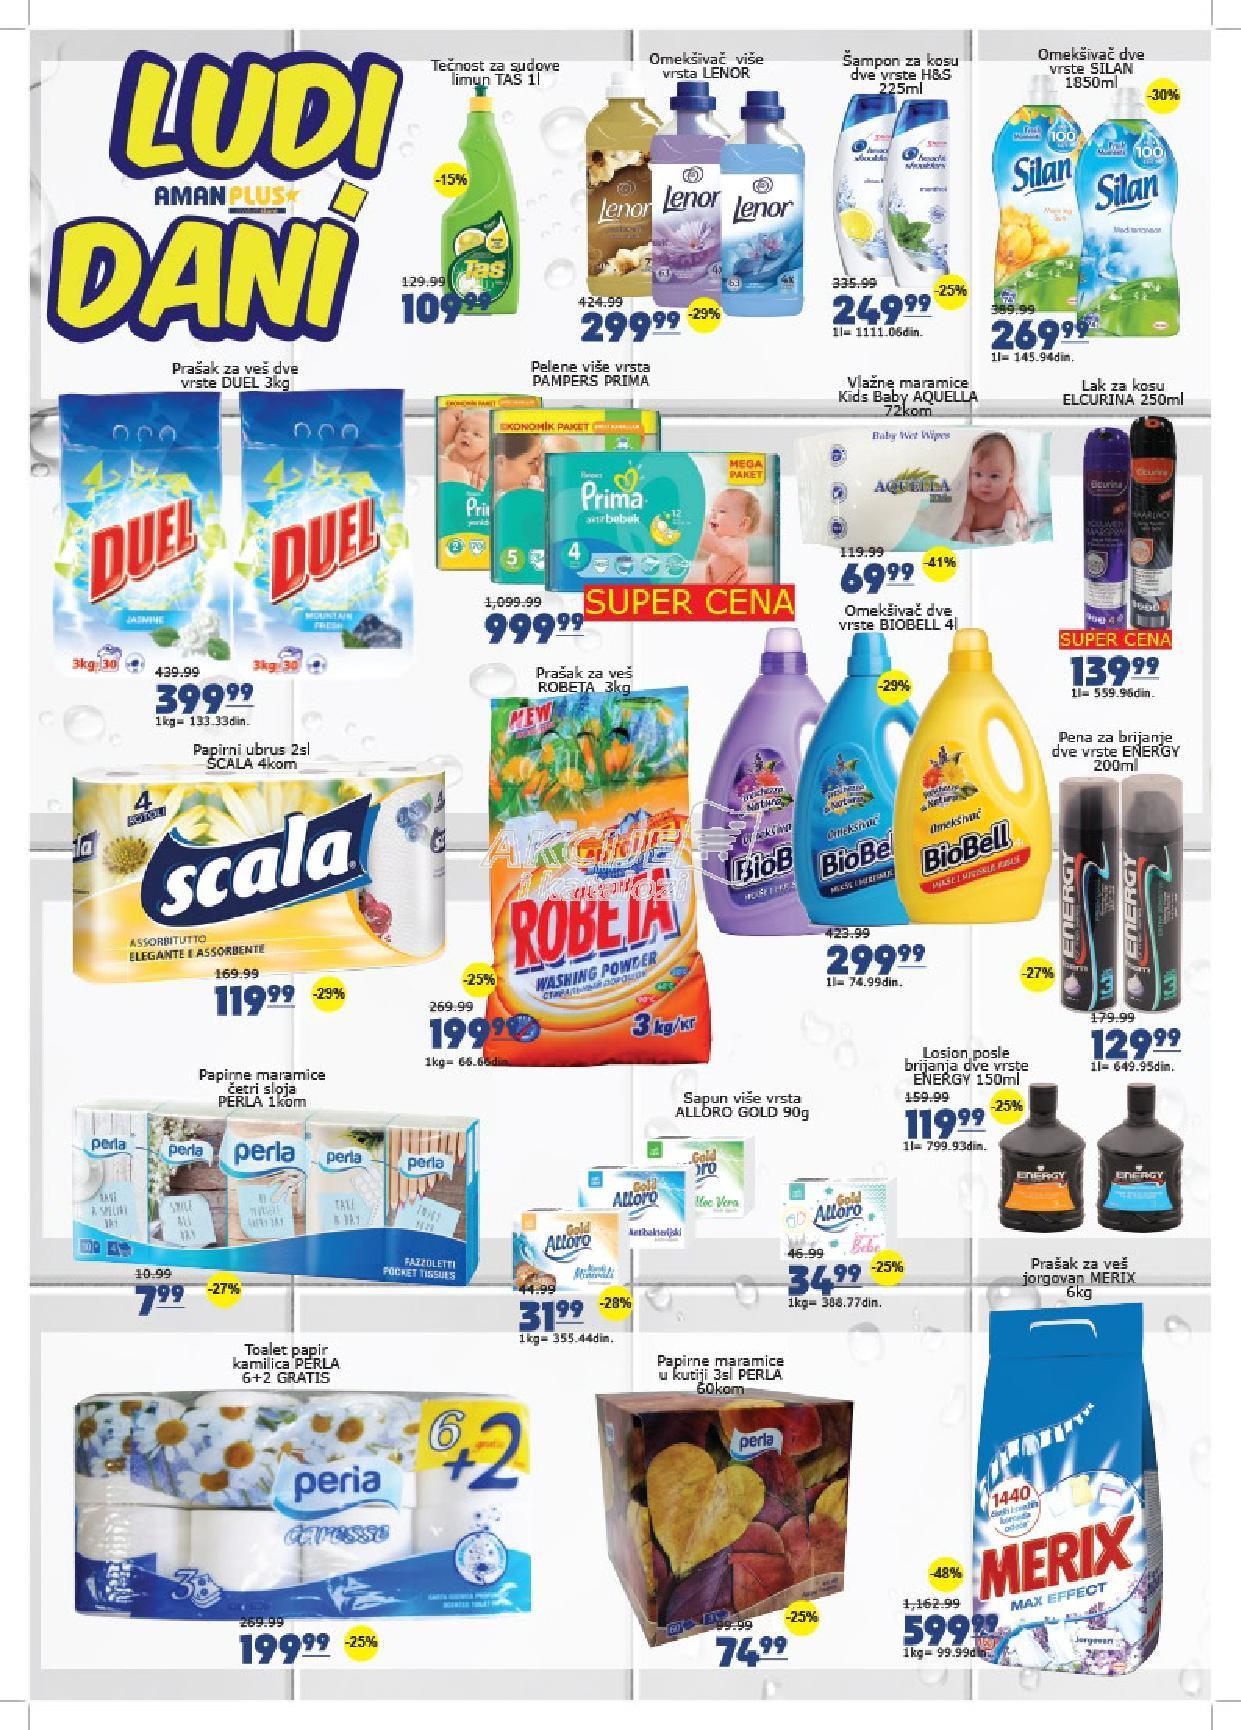 Aman Plus akcija nedeljne kupovine